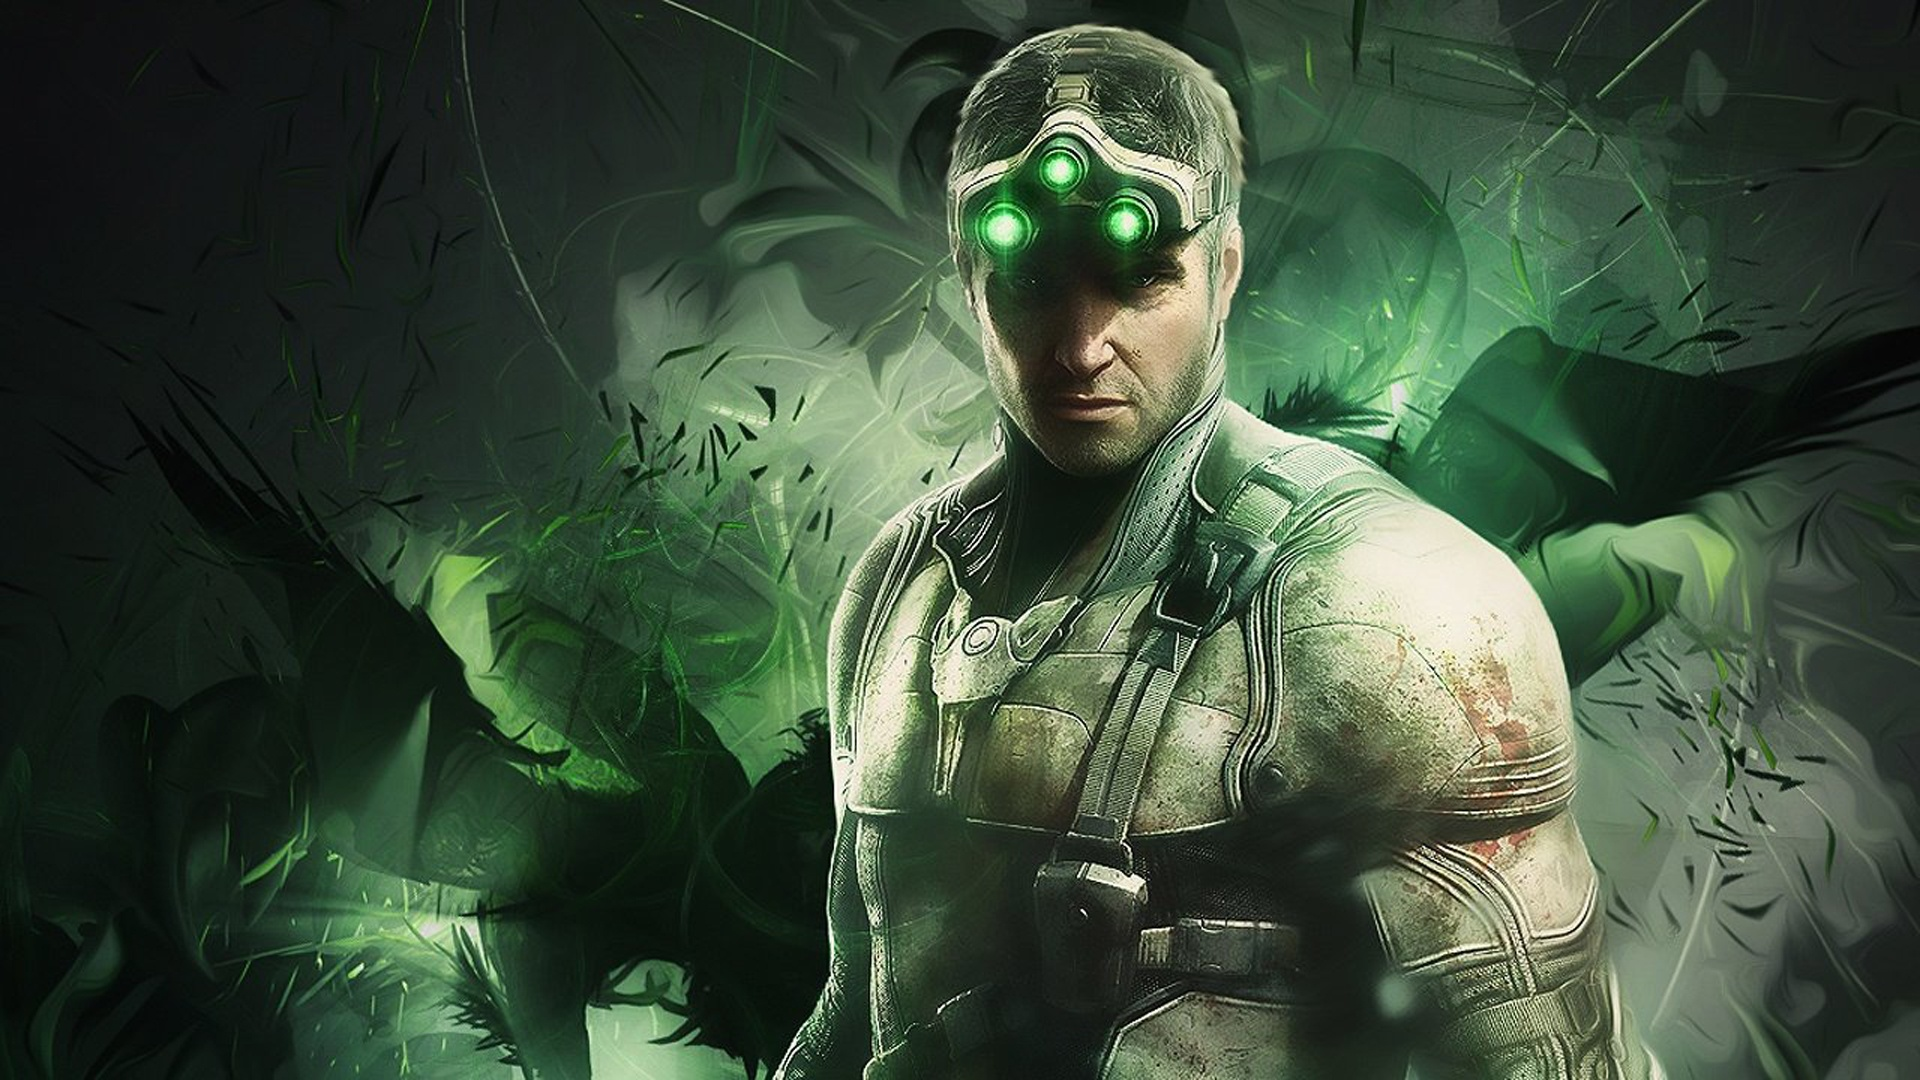 Analysten spekulieren über 2019 - Neues Splinter Cell und Overwatch wird Free2Play?